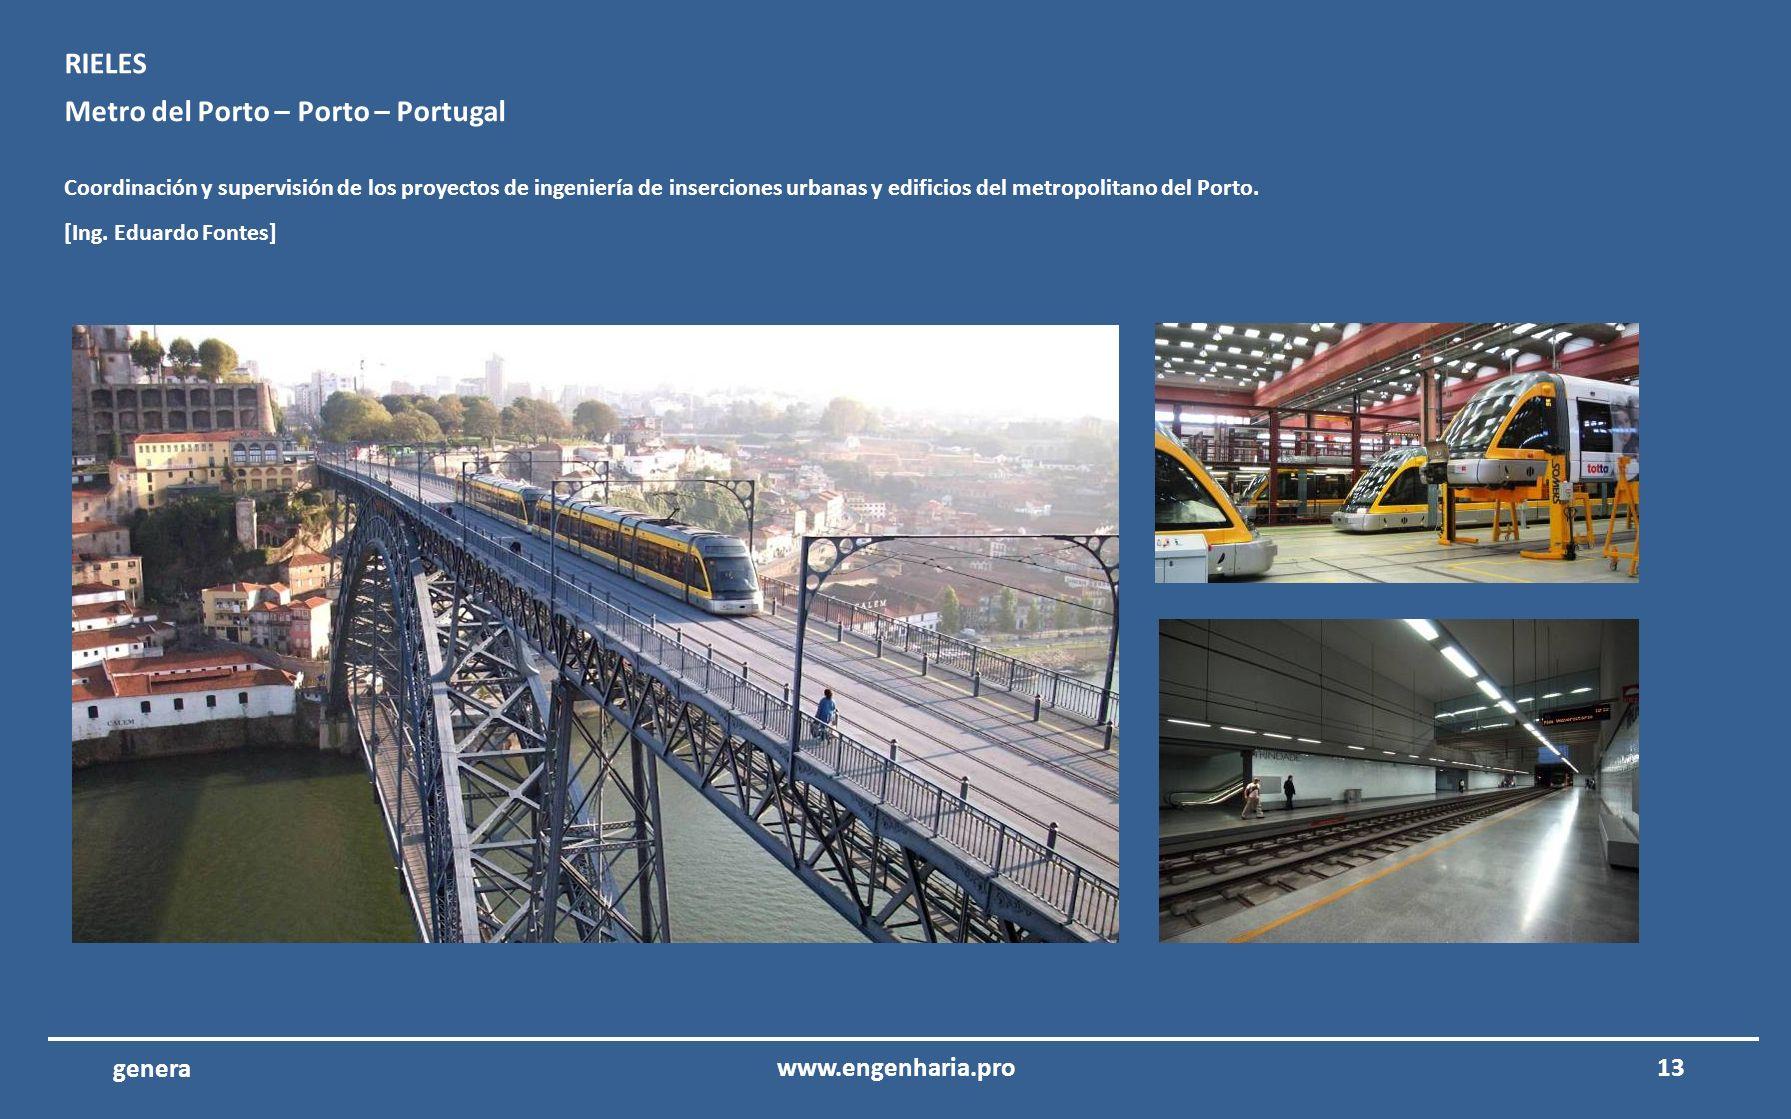 Metro del Porto – Porto – Portugal